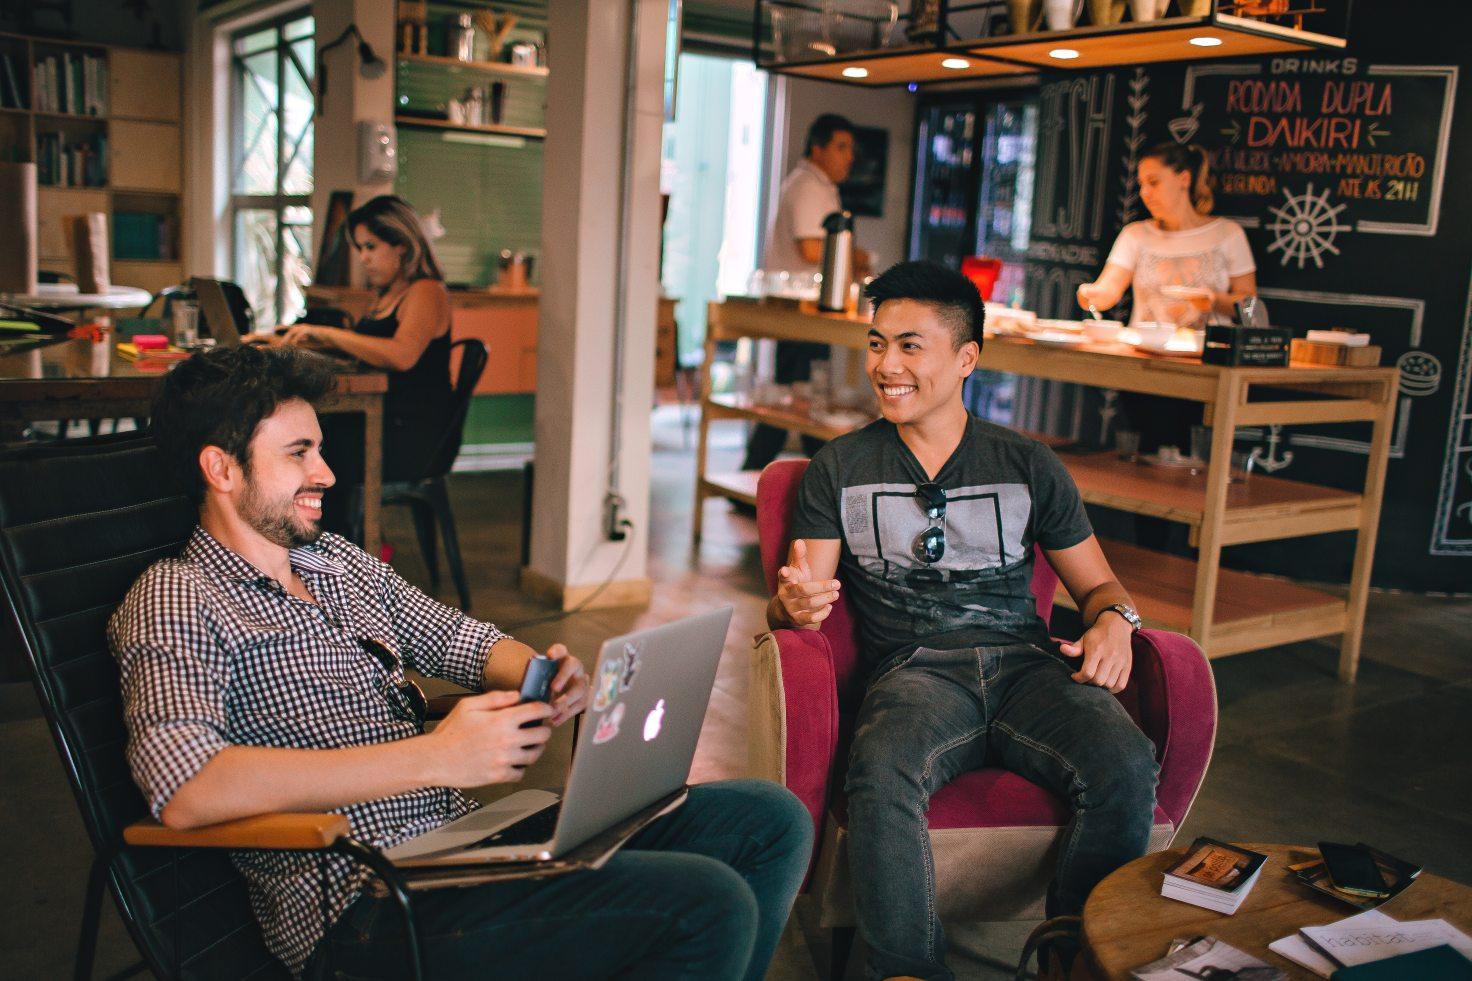 Metro boulot bonheur bar espace coworking happy faces